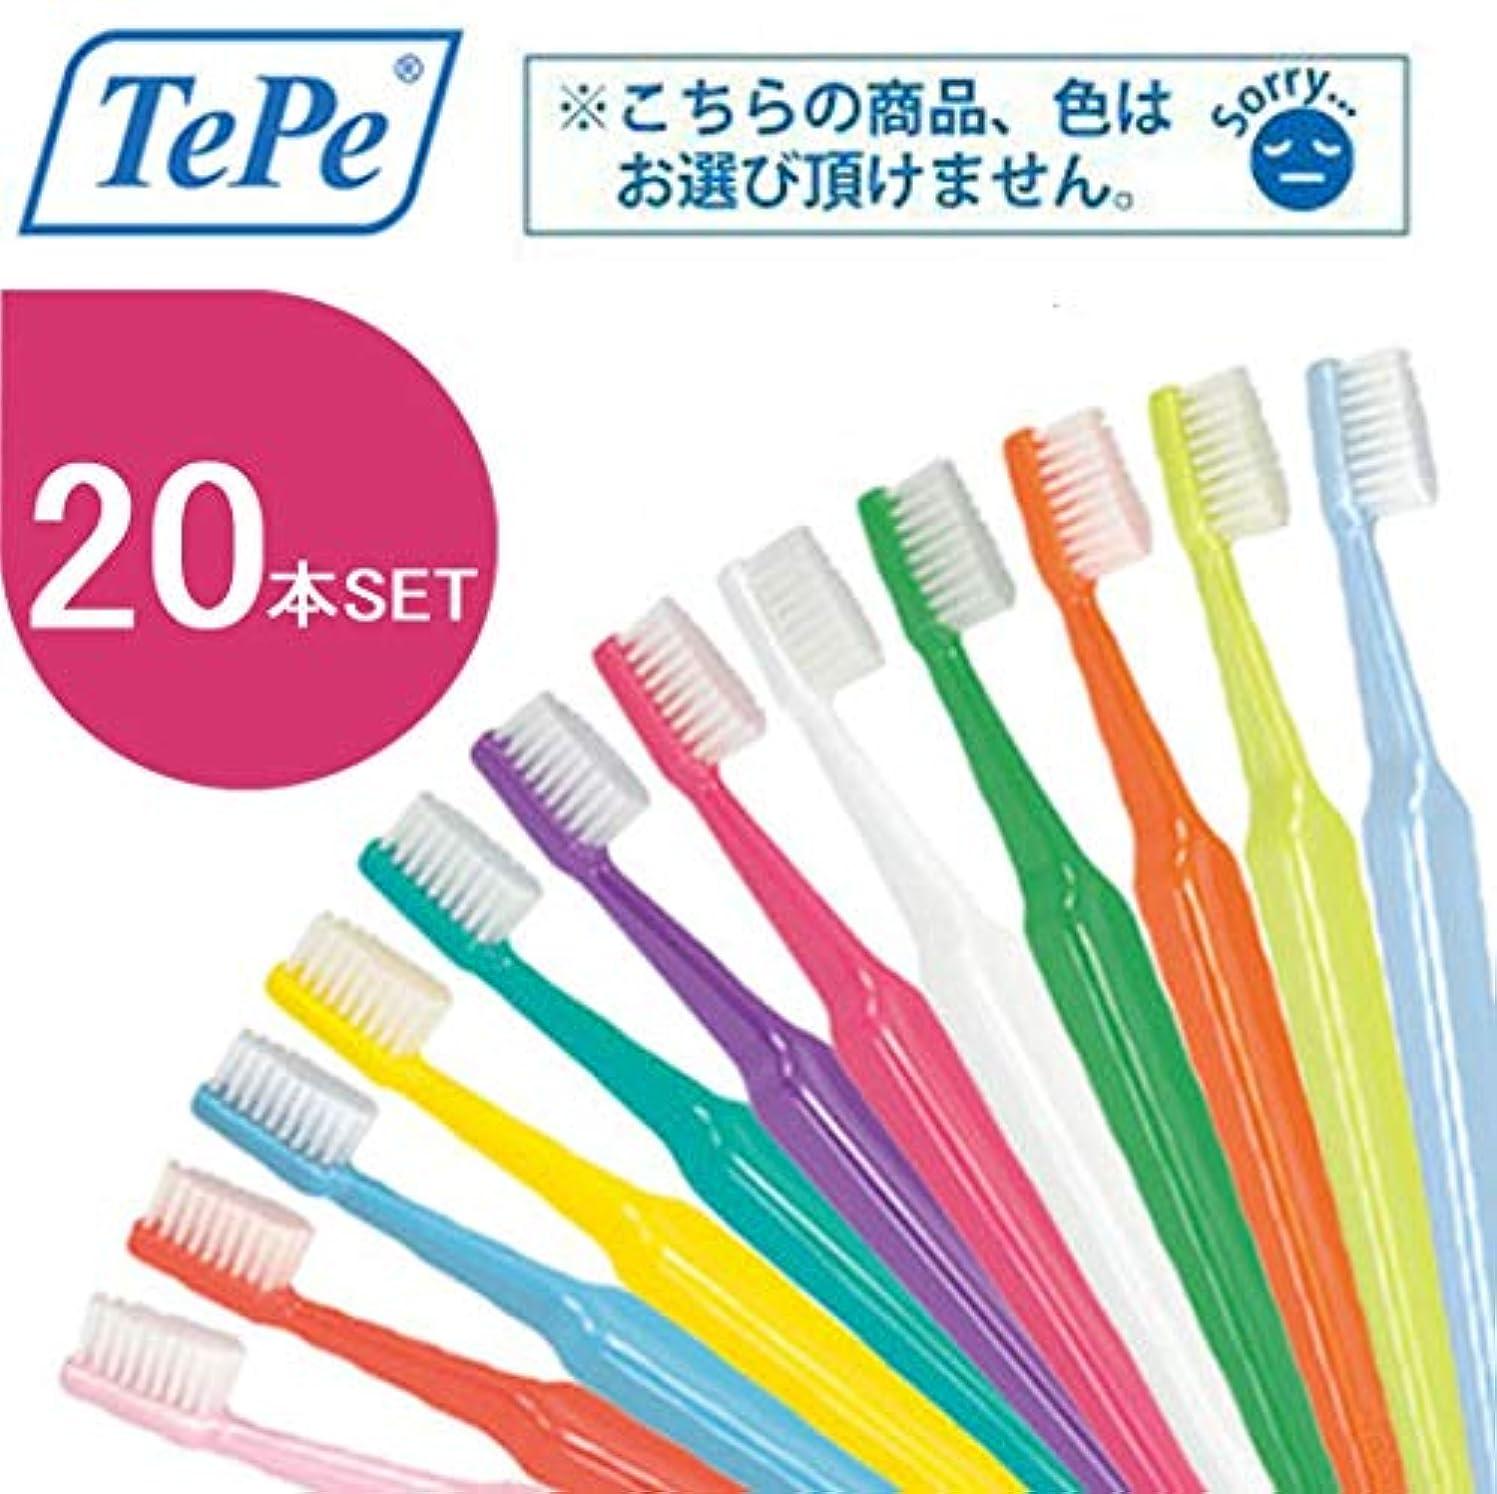 ドライバタフライ空のクロスフィールド TePe テペ セレクト 歯ブラシ 20本 (エクストラソフト)